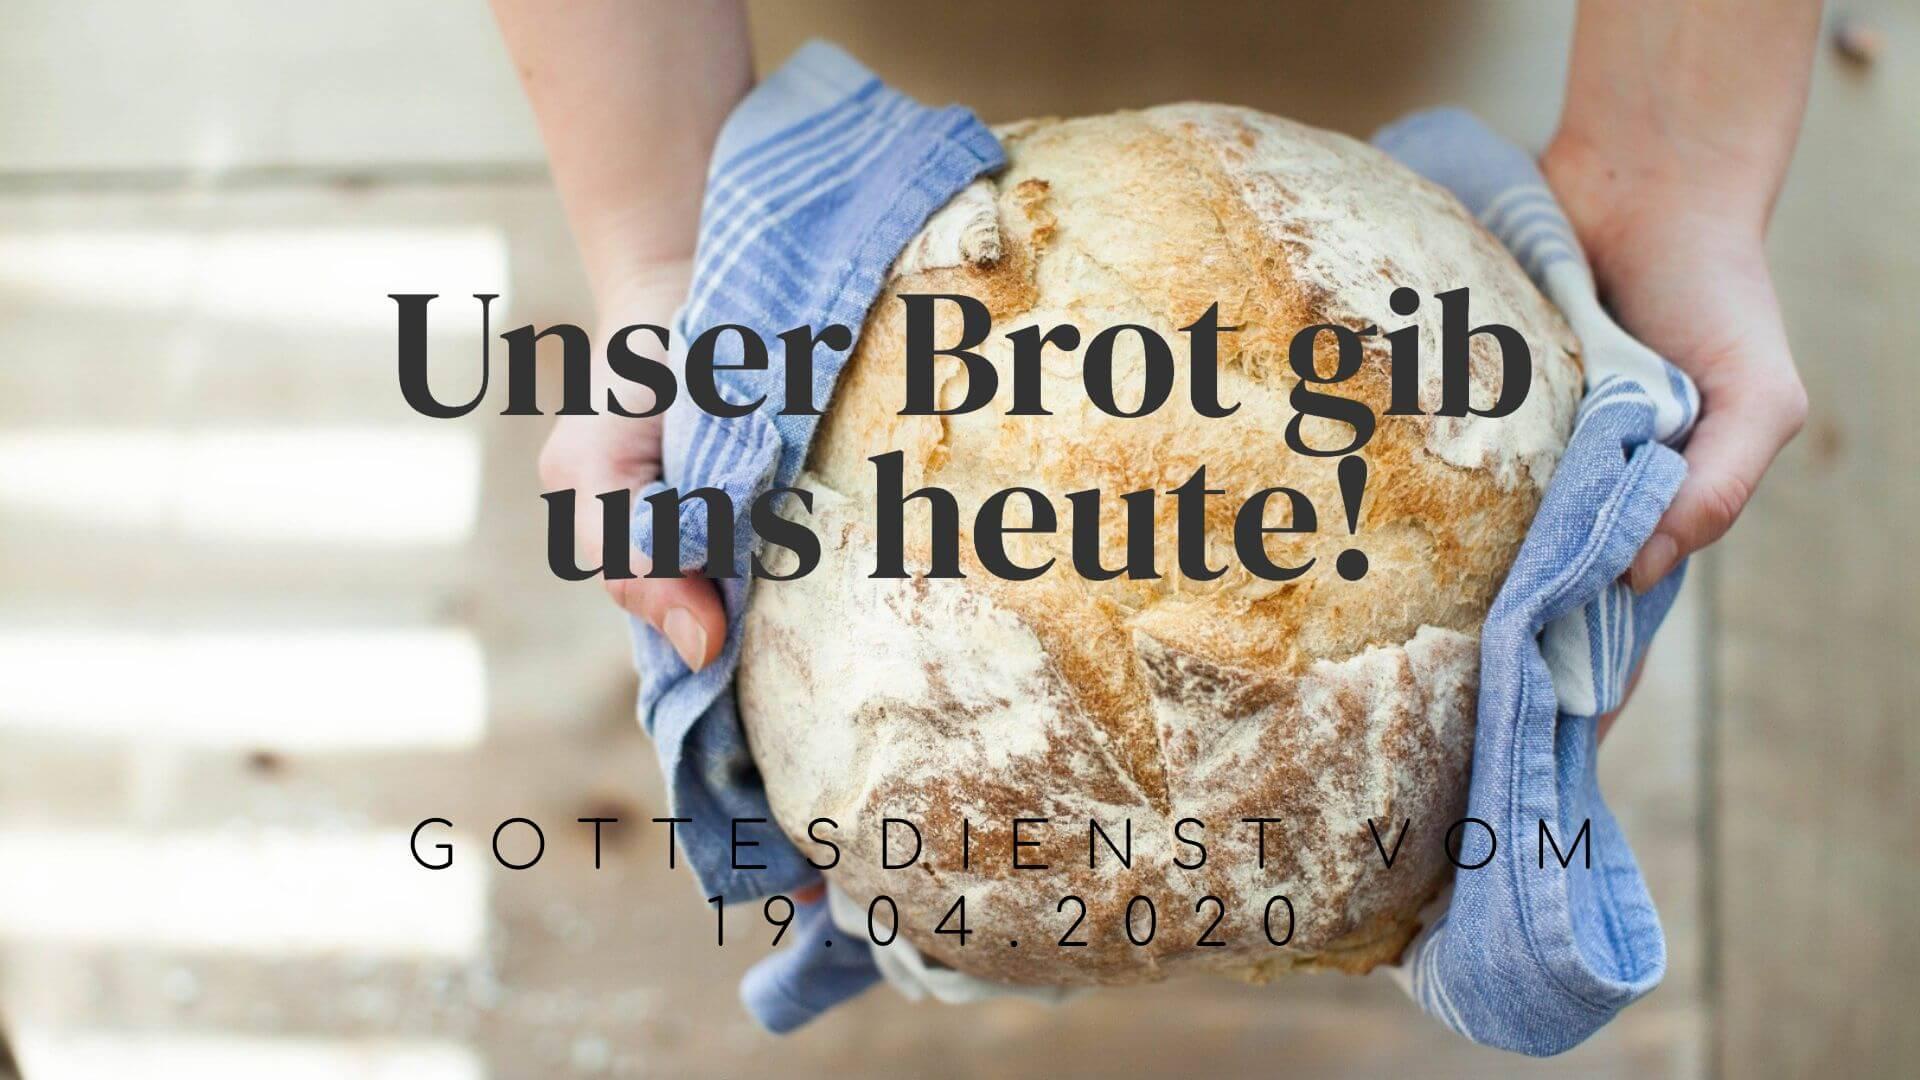 Unser Brot gib uns heute! - Gottesdienst vom 19.04.2020